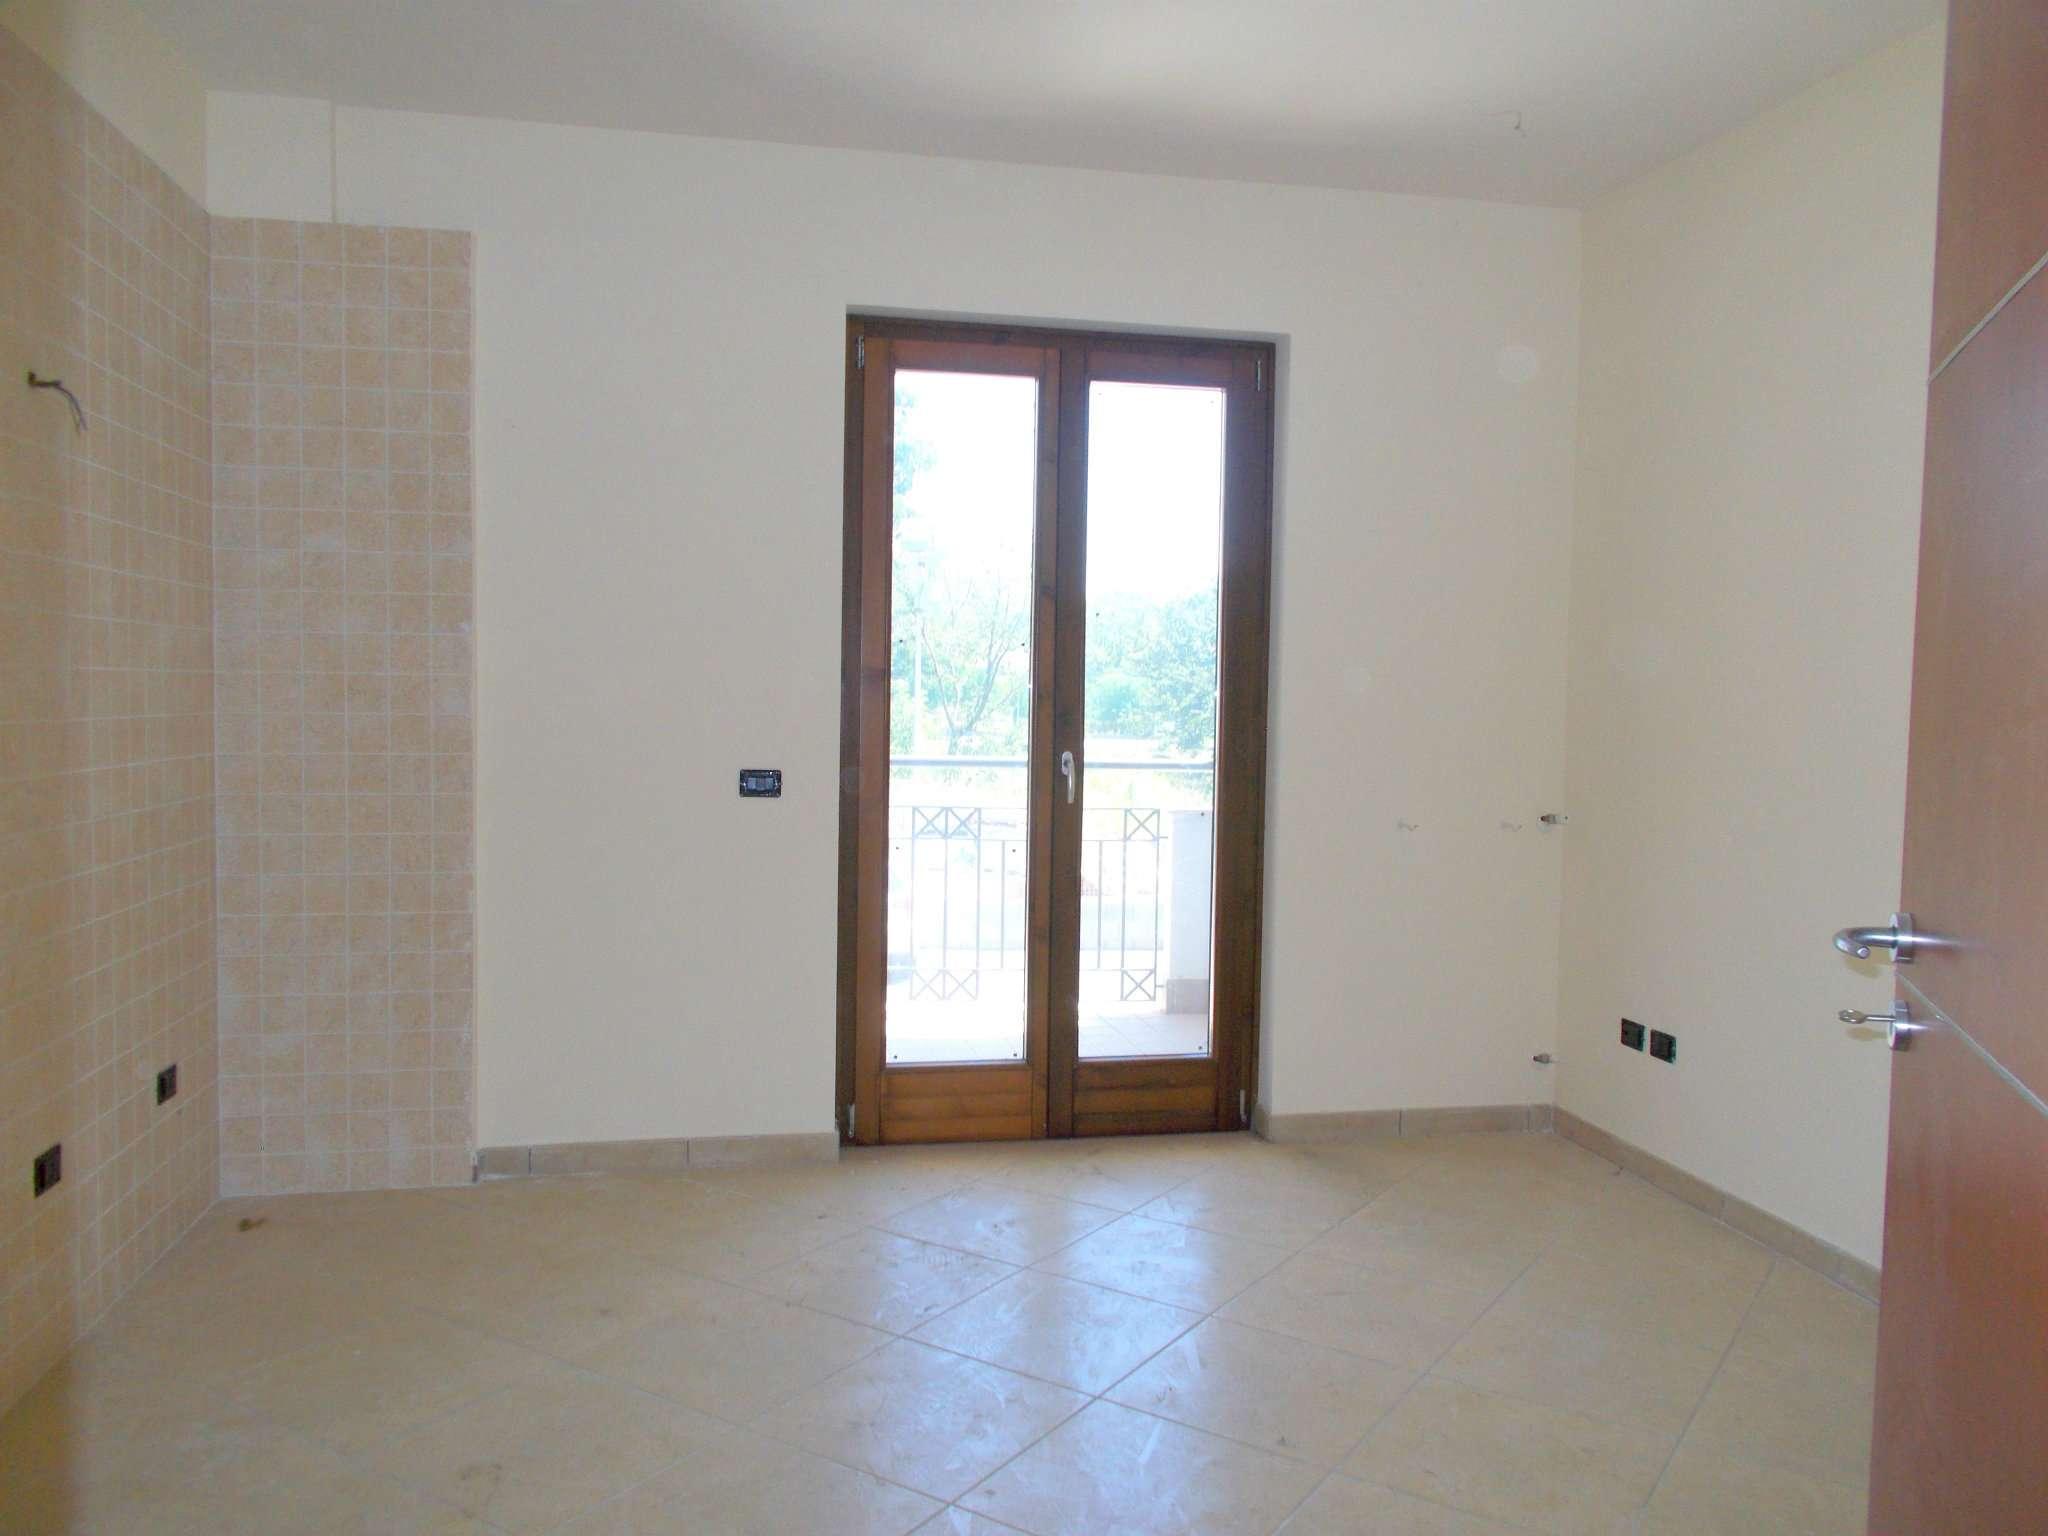 Appartamento in vendita a Arienzo, 4 locali, prezzo € 139.000 | CambioCasa.it